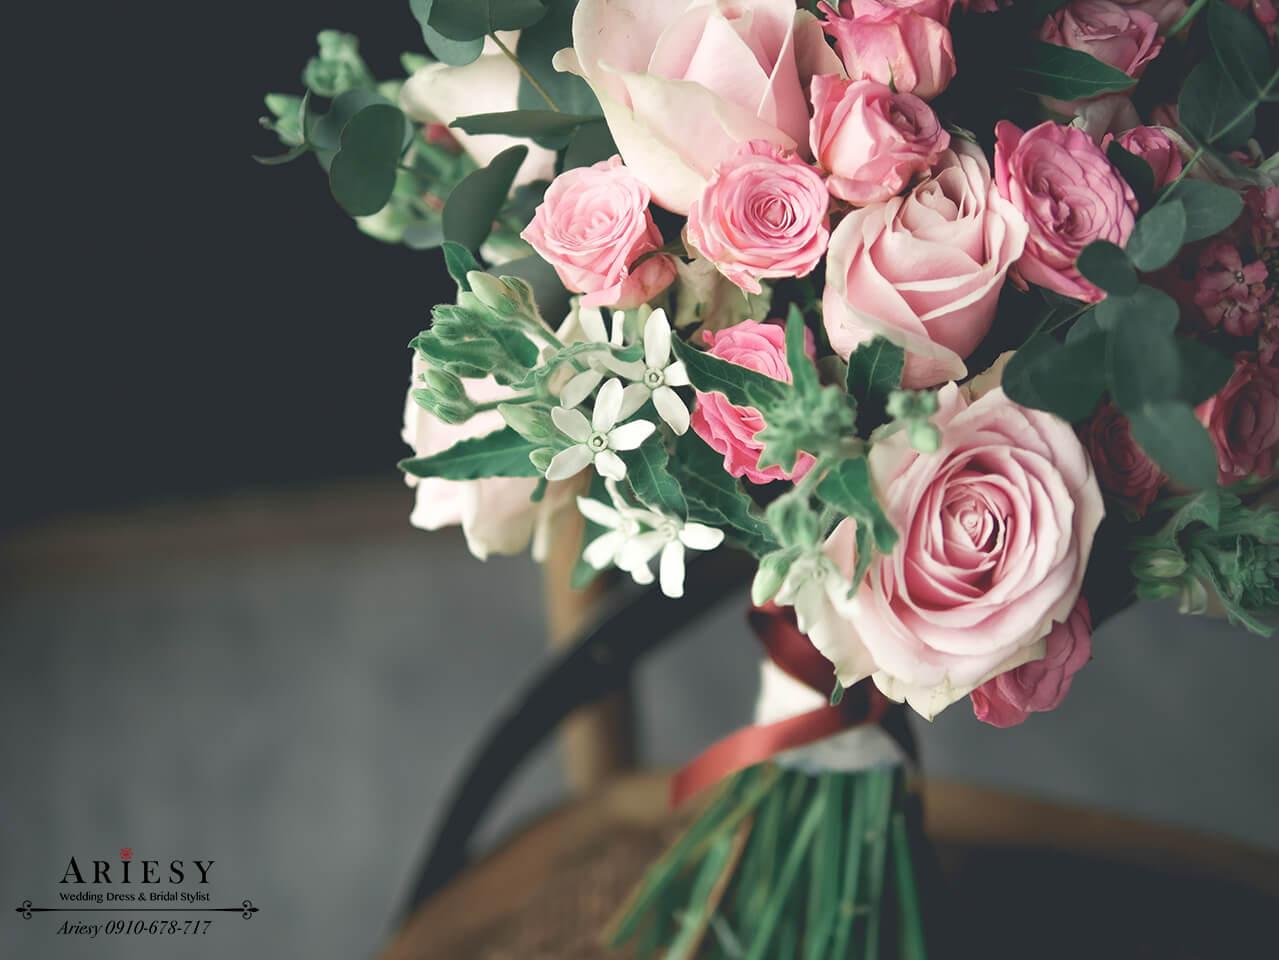 歐美捧花,美式捧花,粉玫瑰捧花,新娘捧花,Bridal bouquet